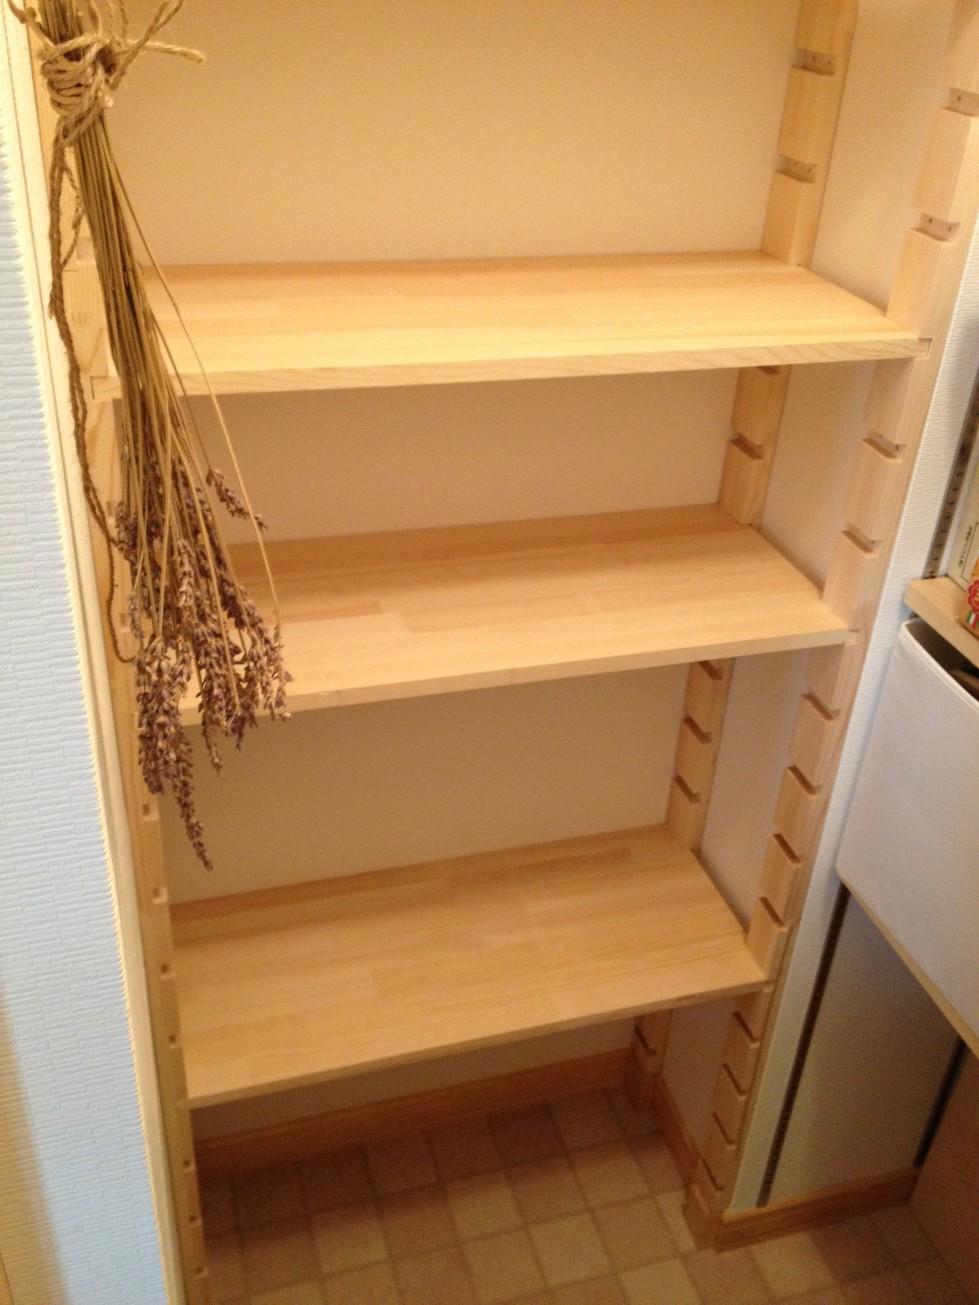 キッチン キッチン diy 棚 : 棚は、2400mmほどのパインの修正 ...